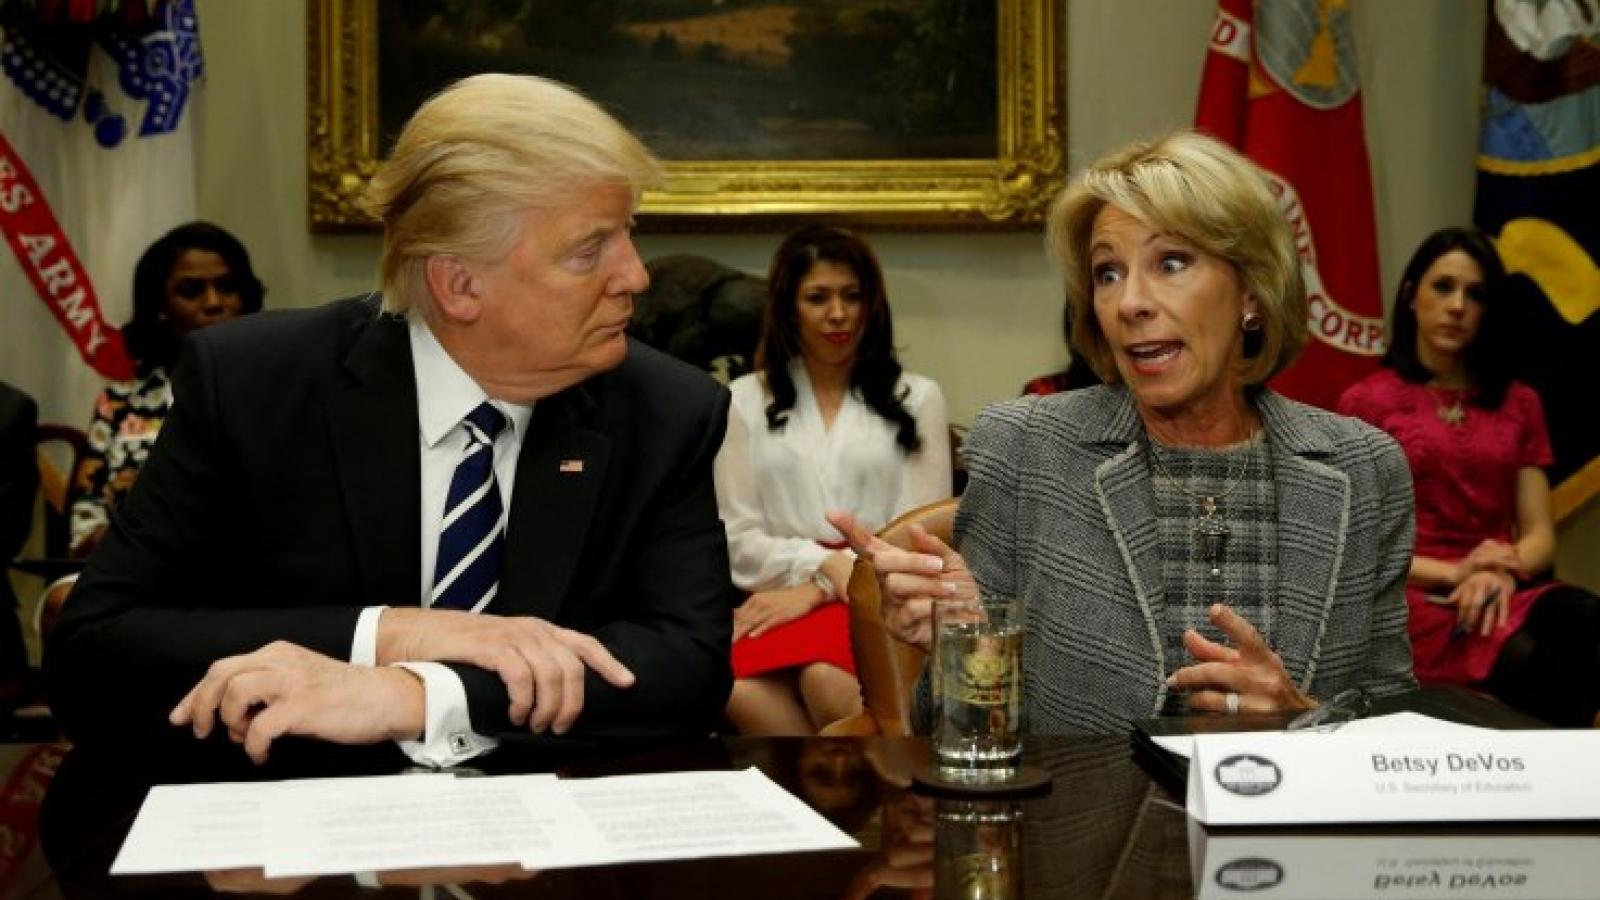 Bộ trưởng Giáo dục Mỹ từ chức để phản đối cuộc bạo loạn tại quốc hội